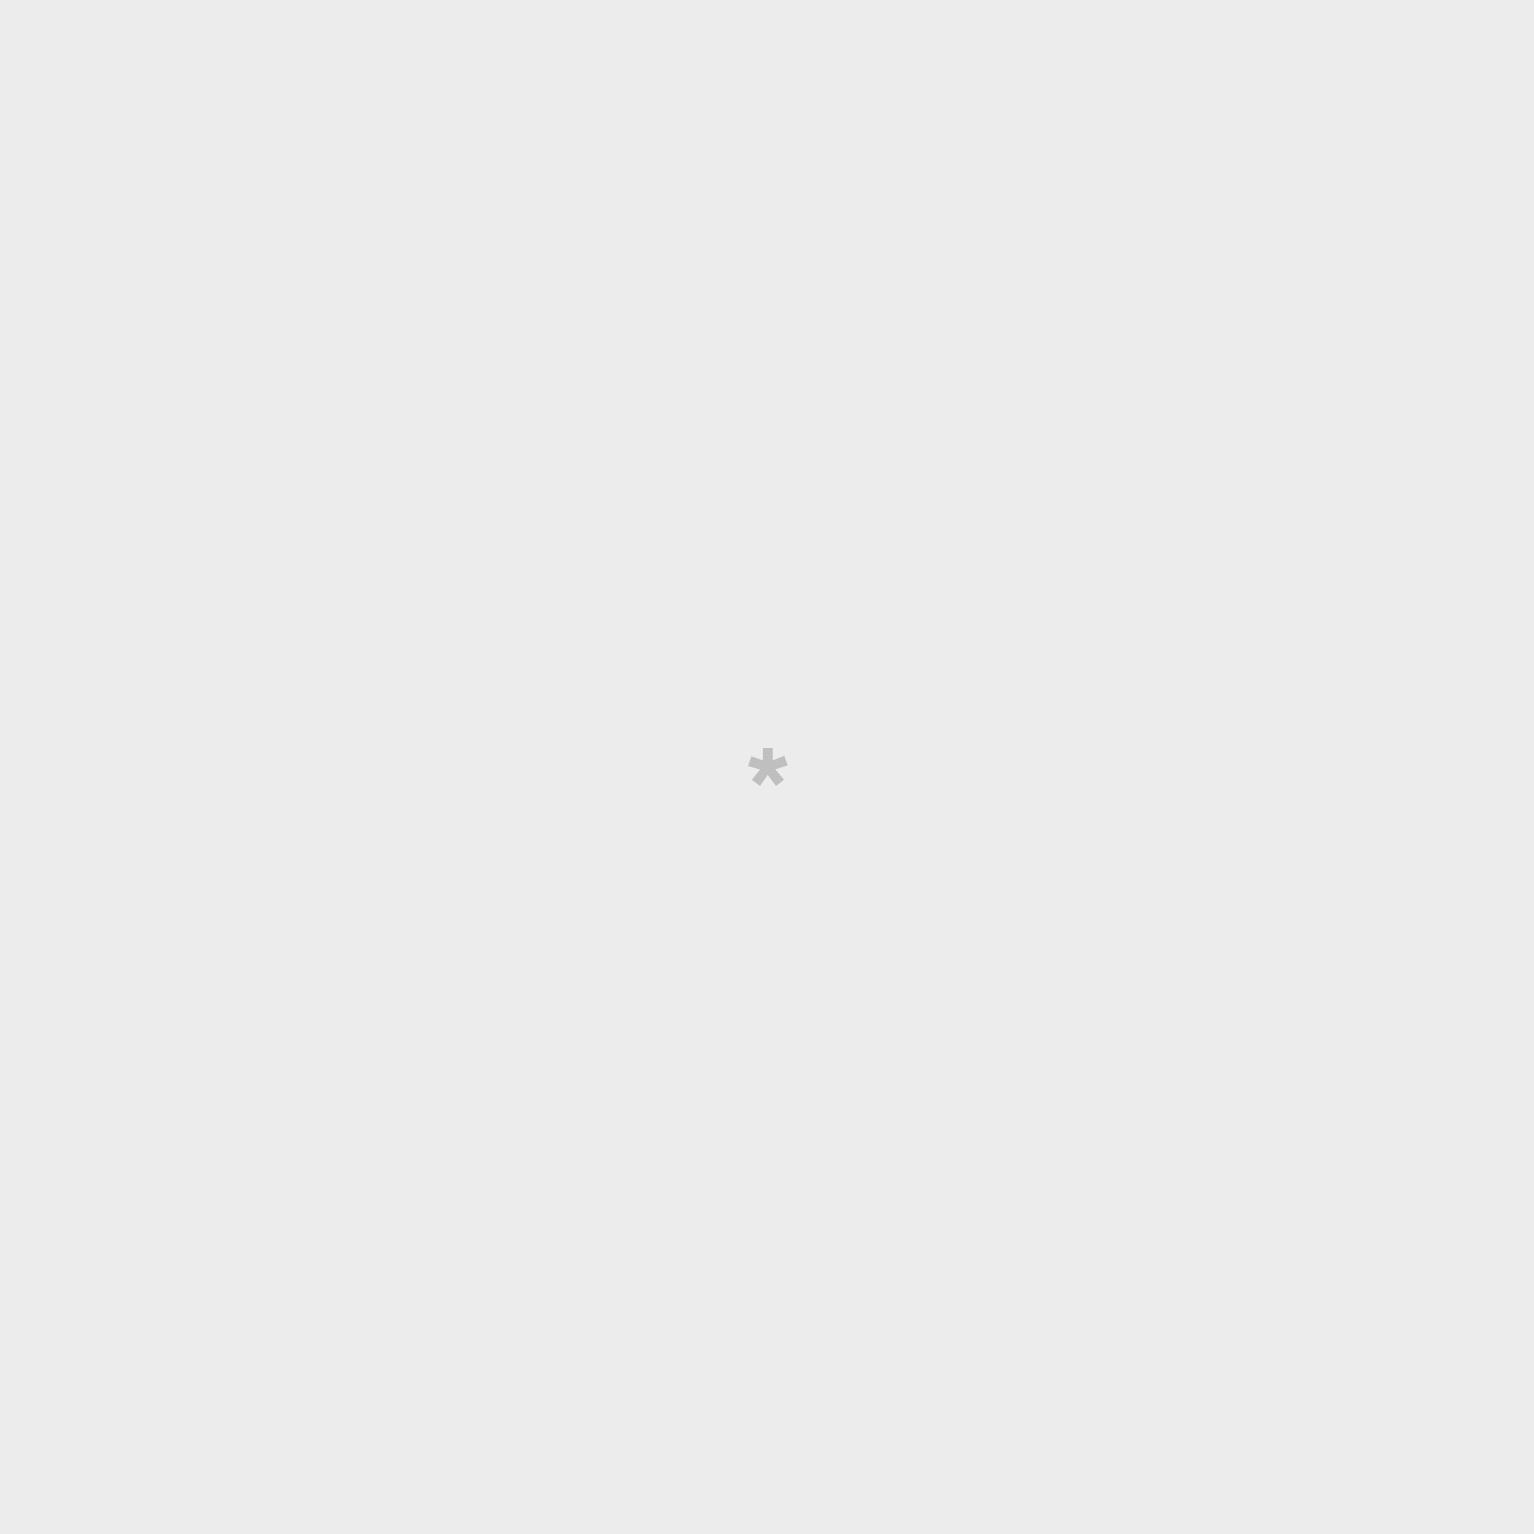 Tarjeta con mensajes secretos - 9 cosas que me encantan...